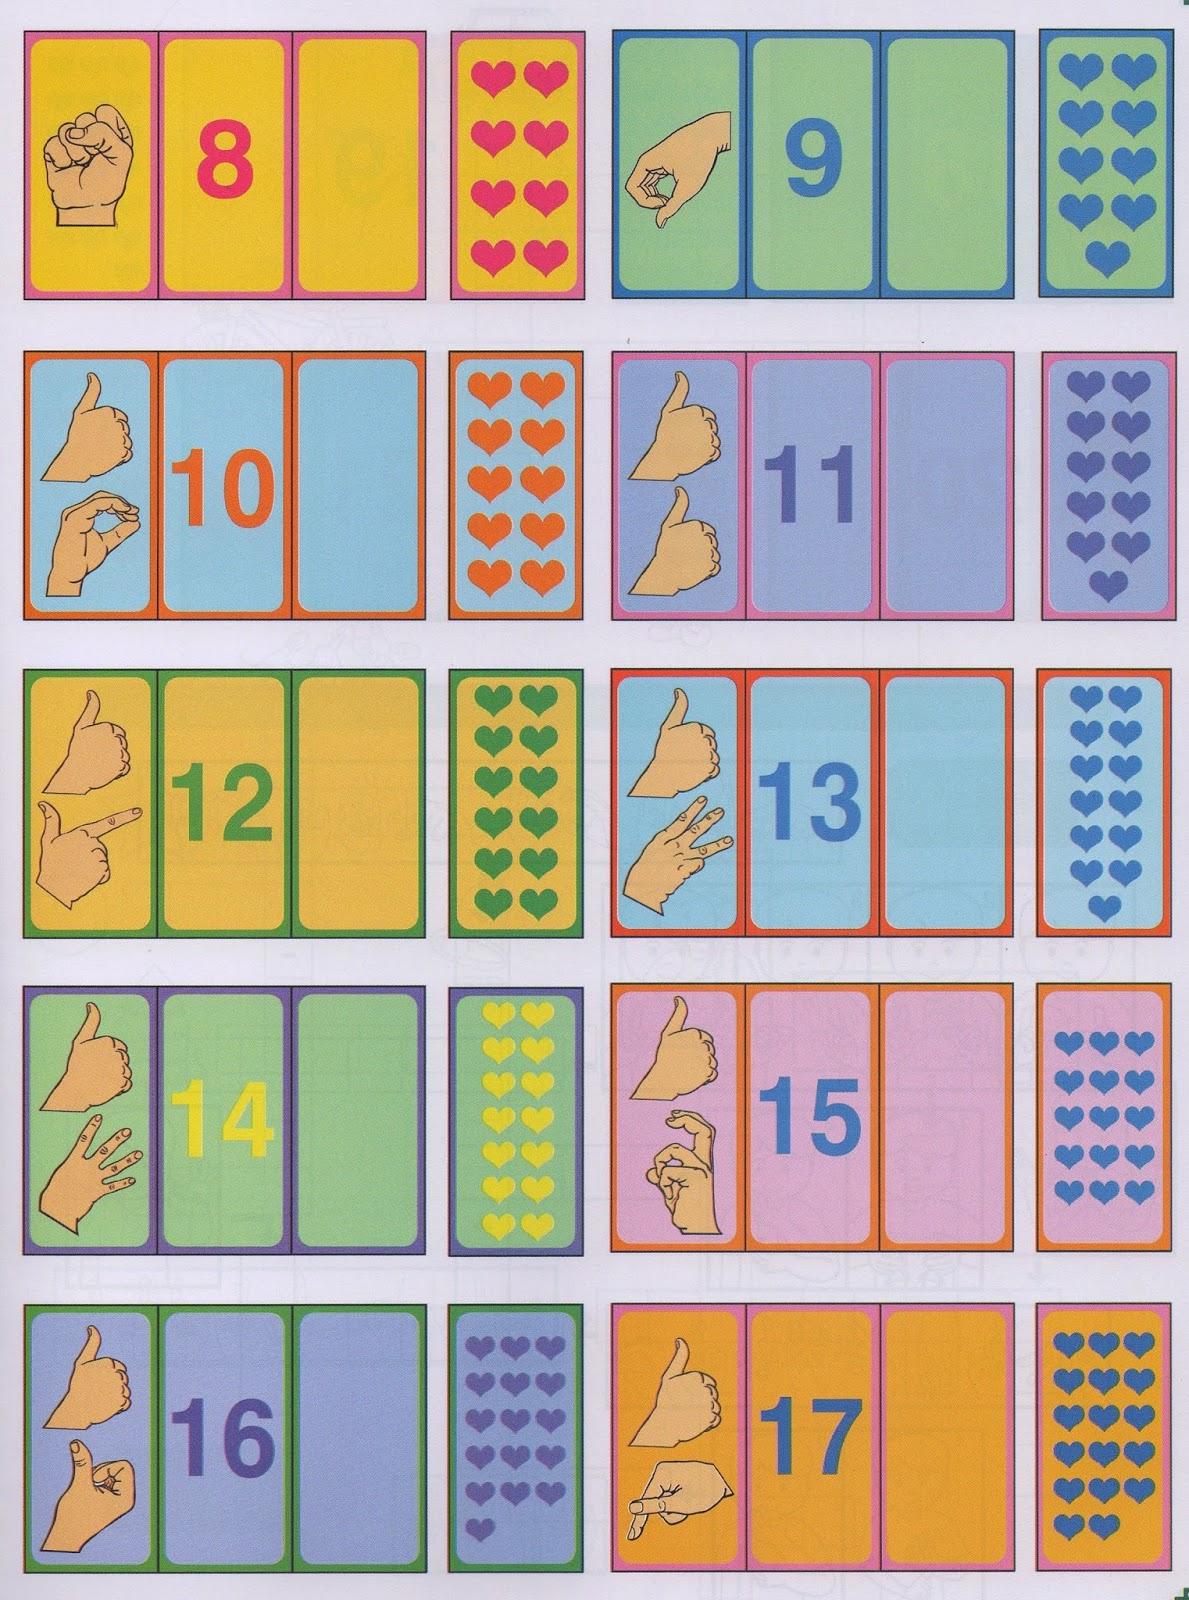 Idéias Para ensinar Surdos: Jogo Números sinal quantidade em Libras #B28C19 1189 1600